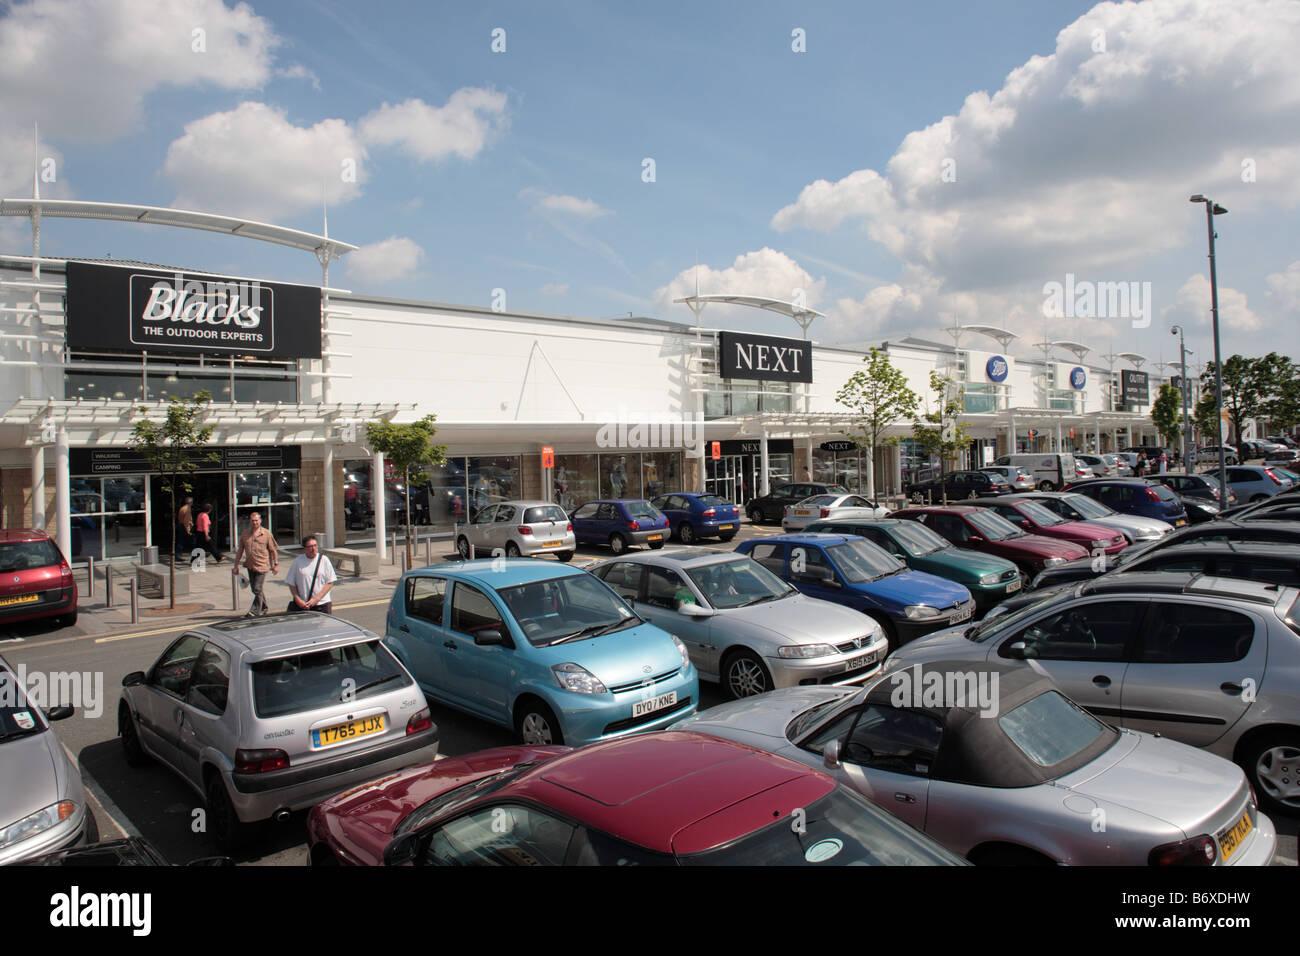 Los negros y los siguiente almacena, Telford forjar Retail Park, Telford Imagen De Stock